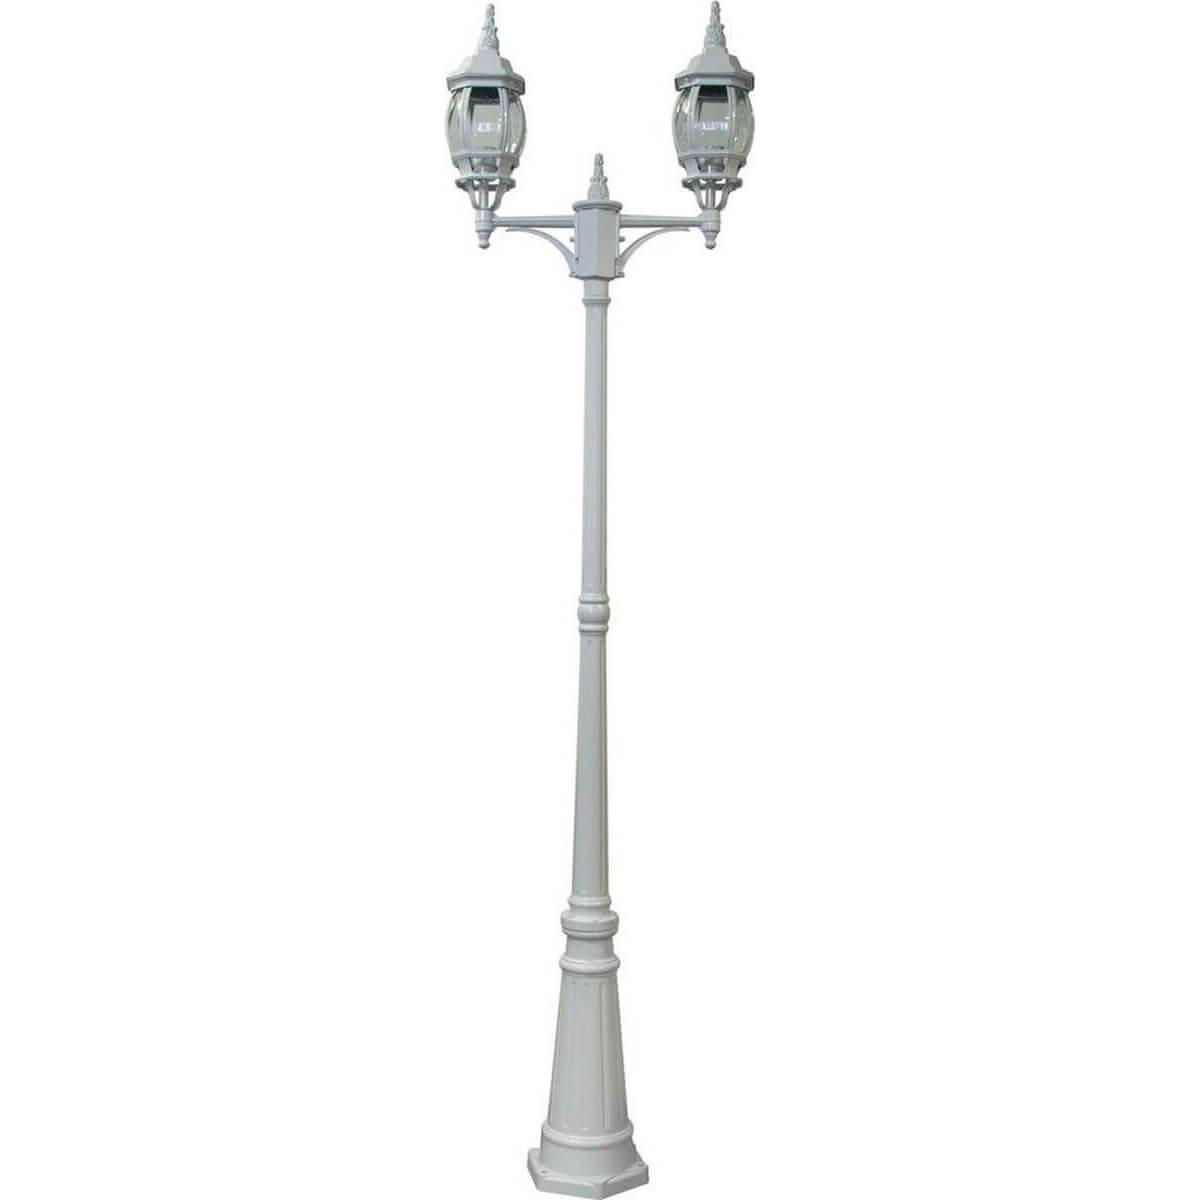 цена Садово-парковый светильник Feron 8114 11210 онлайн в 2017 году